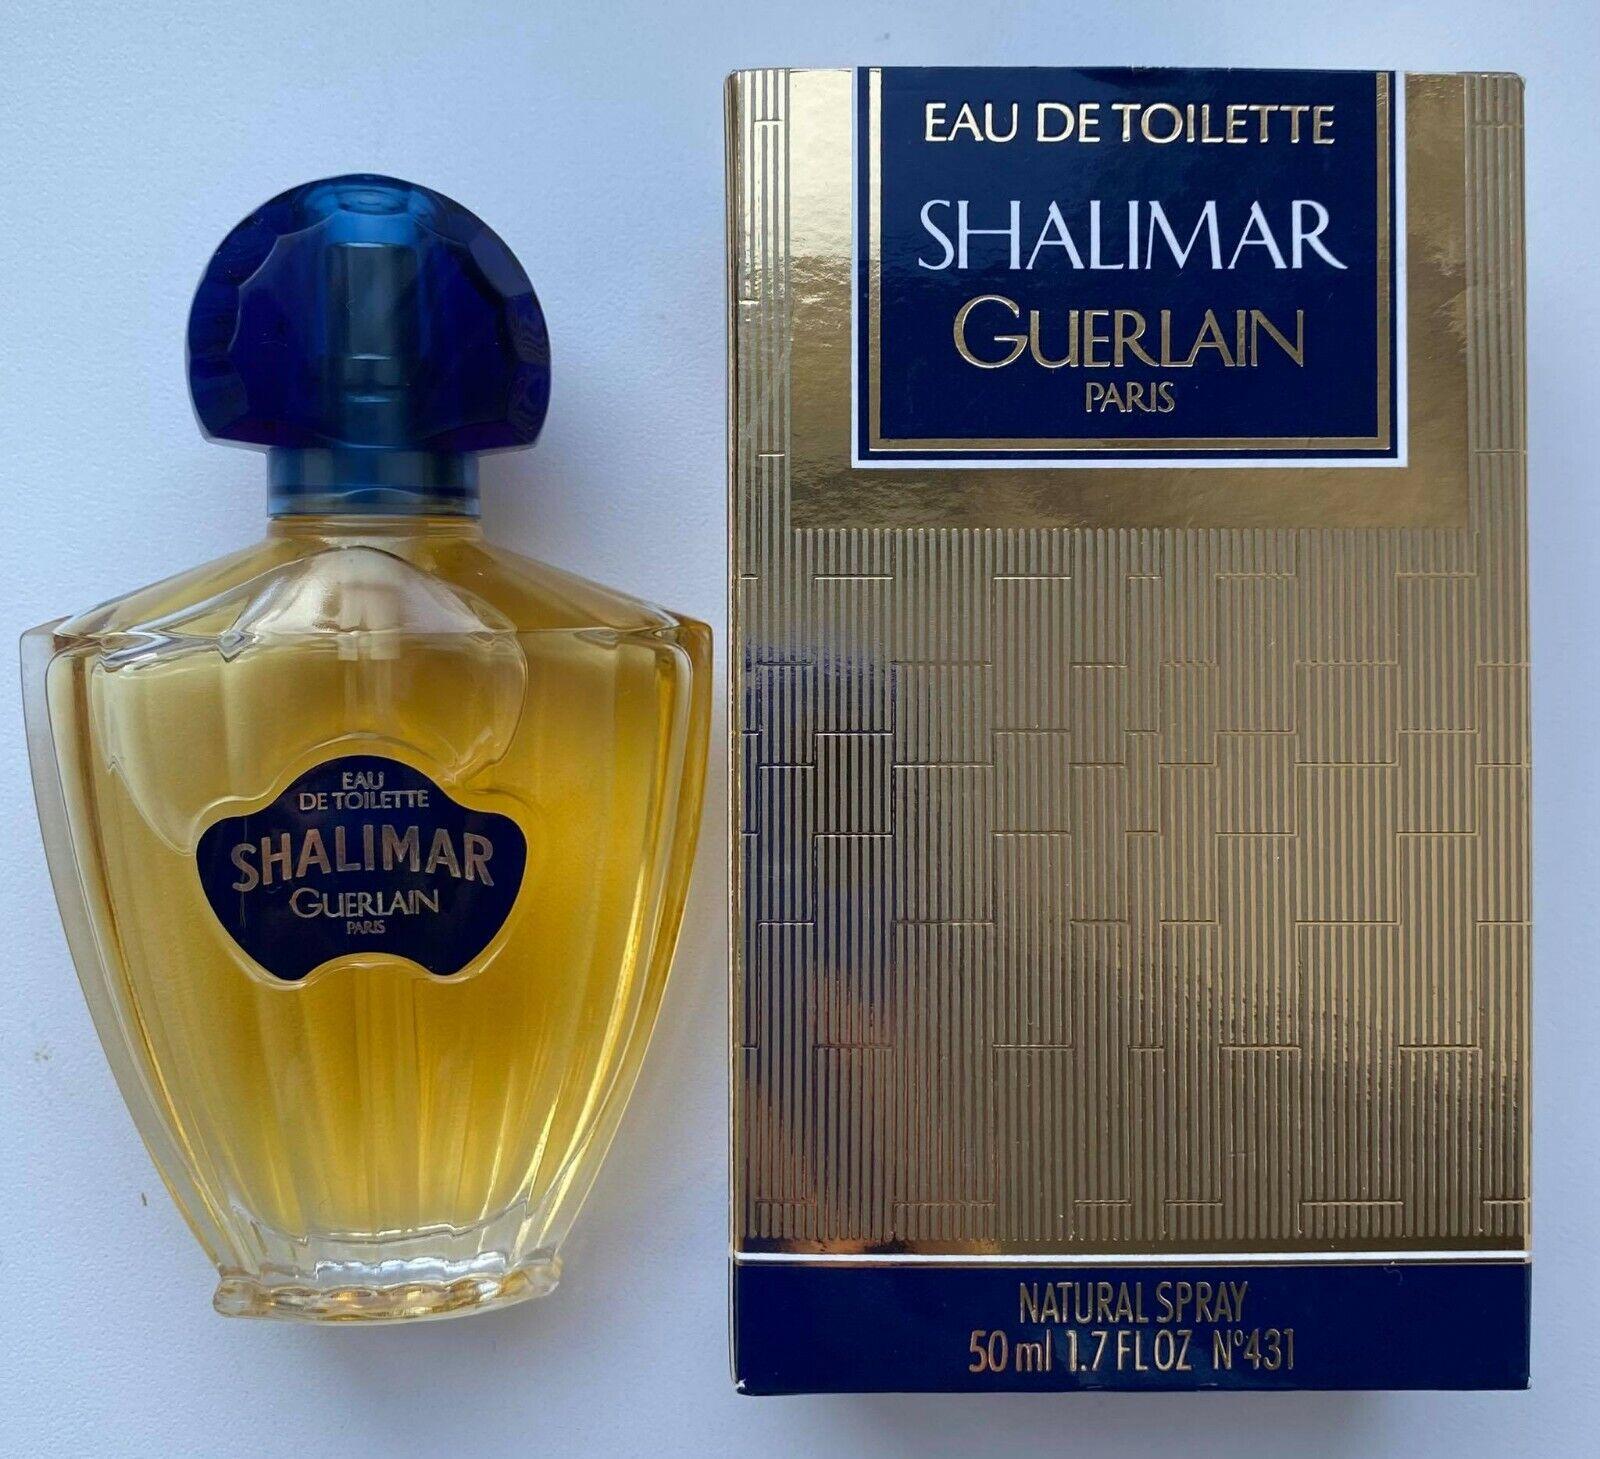 guerlain SHALIMAR EAU DE TOILETTE 50 ml 1.7 fl oz VINTAGE 1996 YEAR